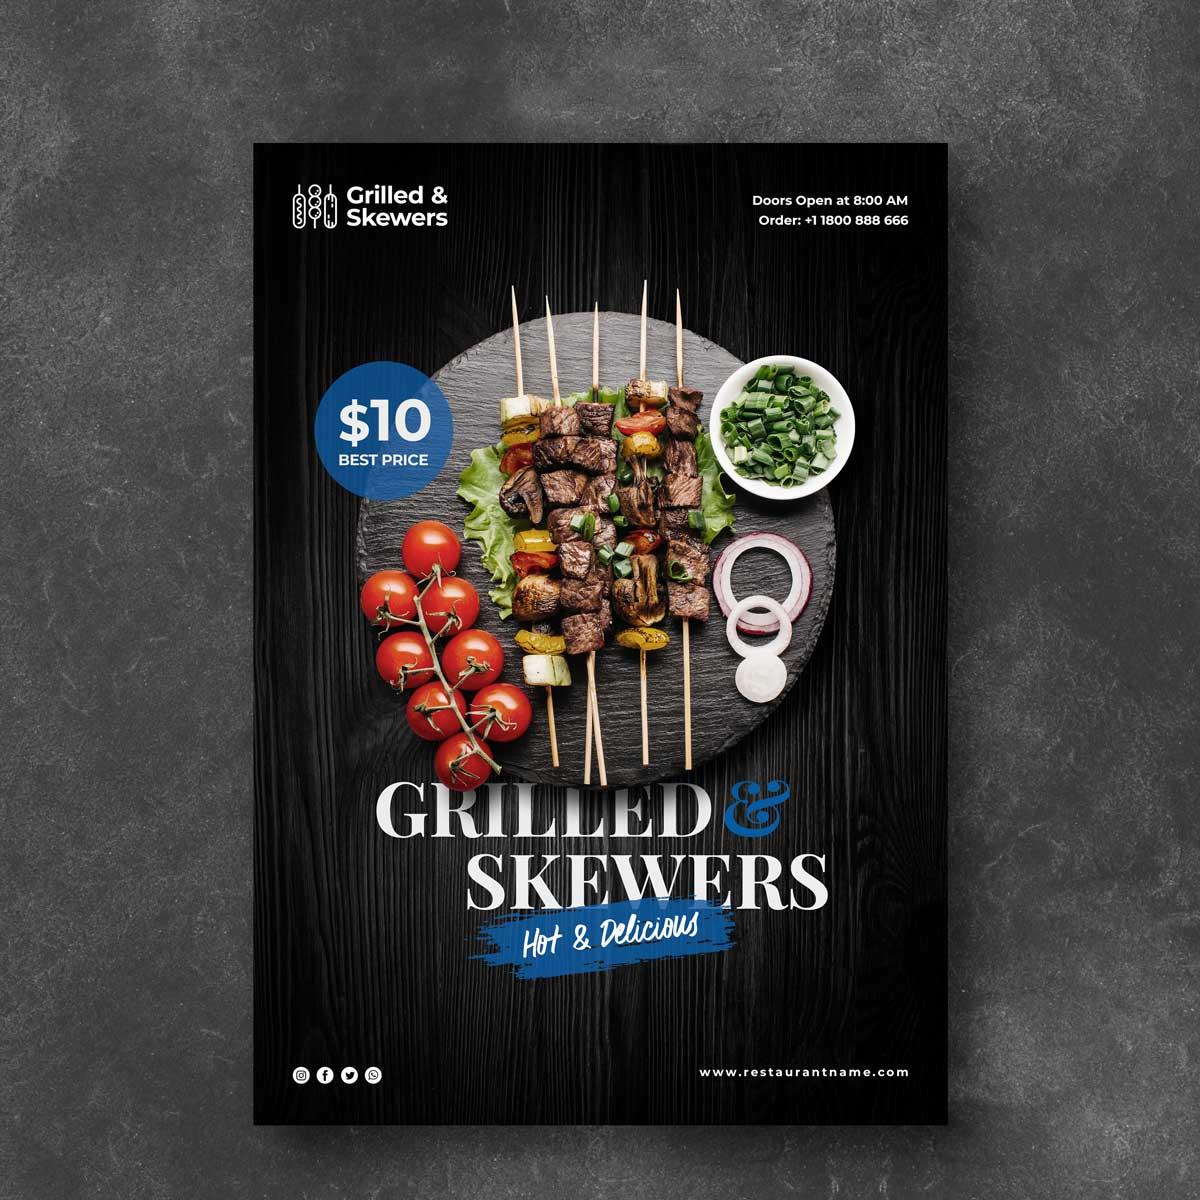 Flyers de restaurantes con diseños profesionales para empresas y organismos.